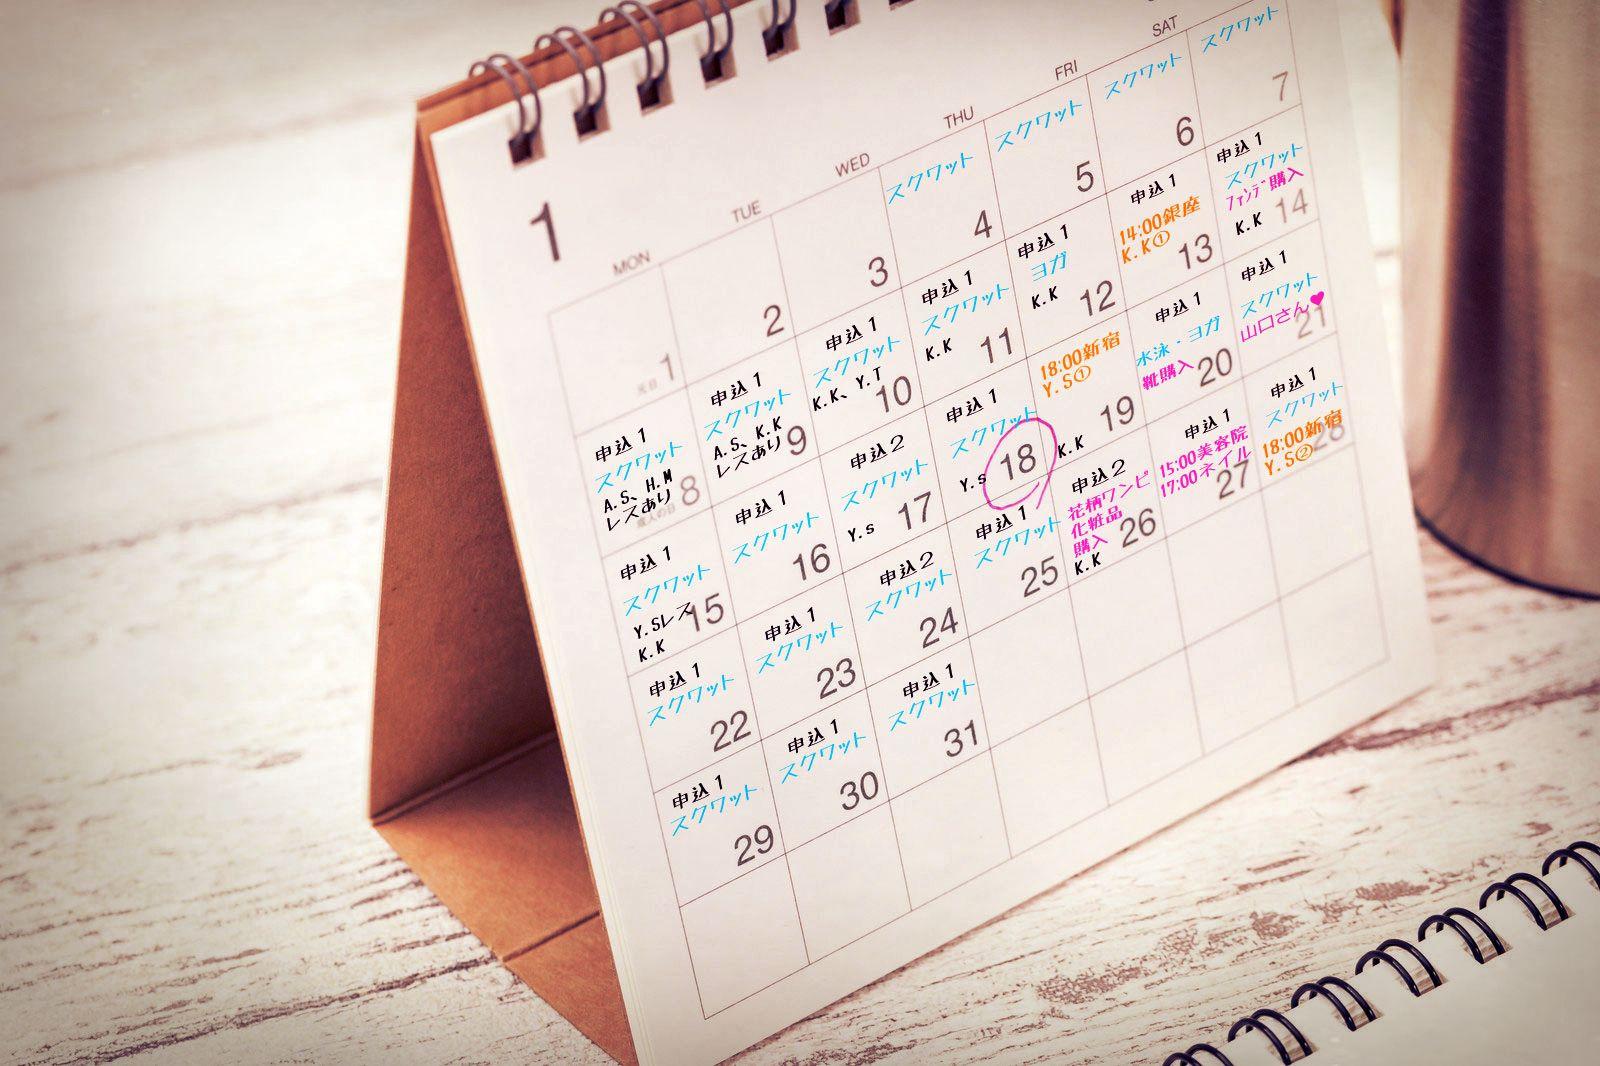 【婚活14歩目】婚活低迷期は婚活記録をつけて、努力を誉めよう。